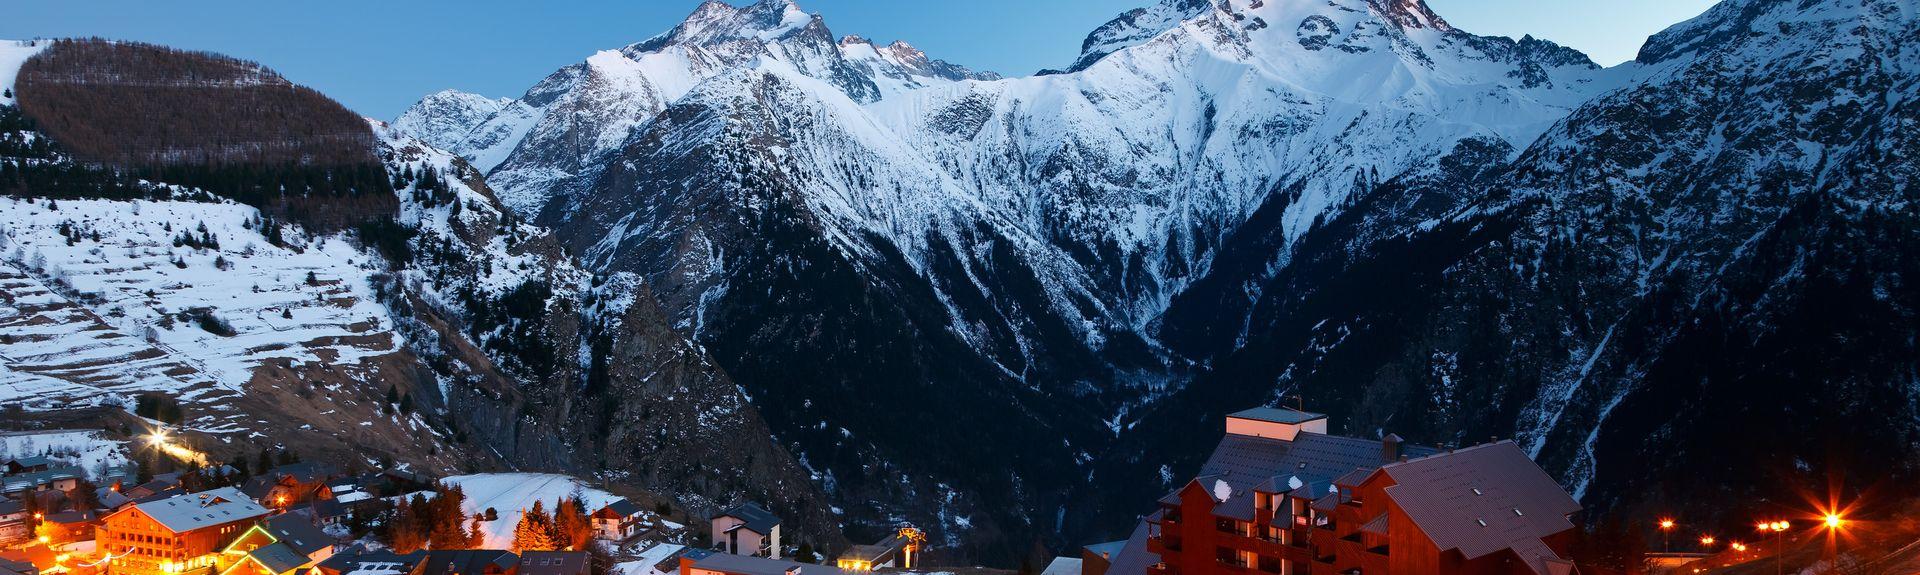 Les Deux Alpes, Auvergne-Rhône-Alpes, Ranska